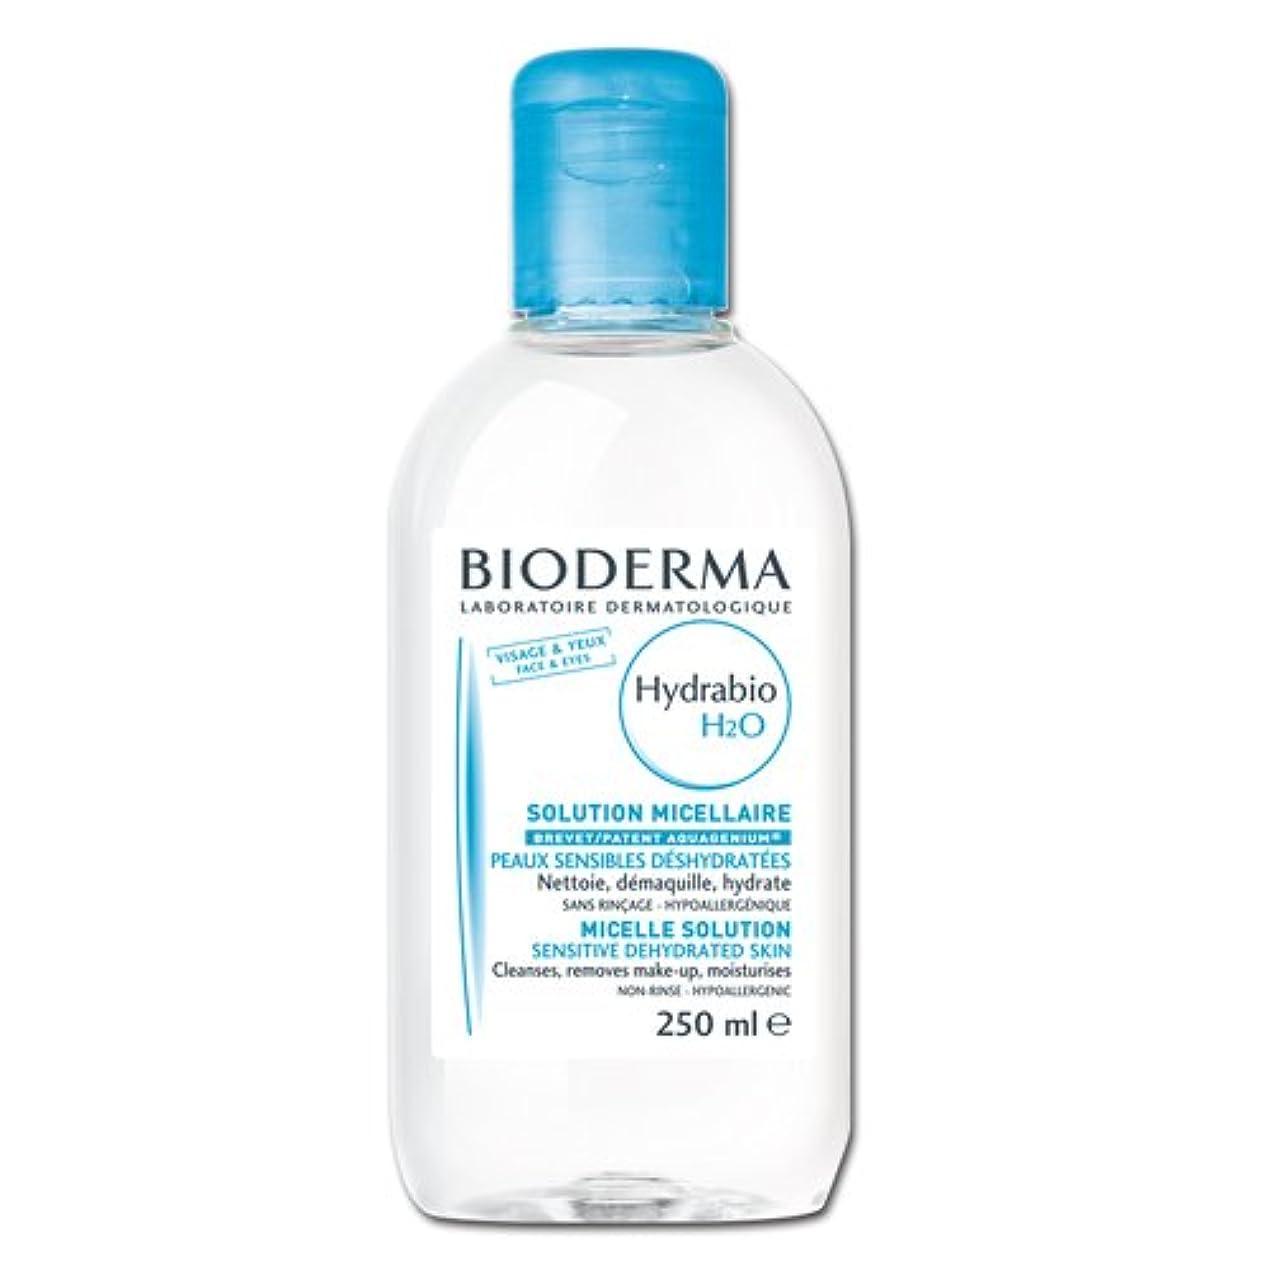 妻比べる過剰Bioderma ビオデルマ イドラビオ エイチツーオー D (H2O) 250ml [並行輸入品]